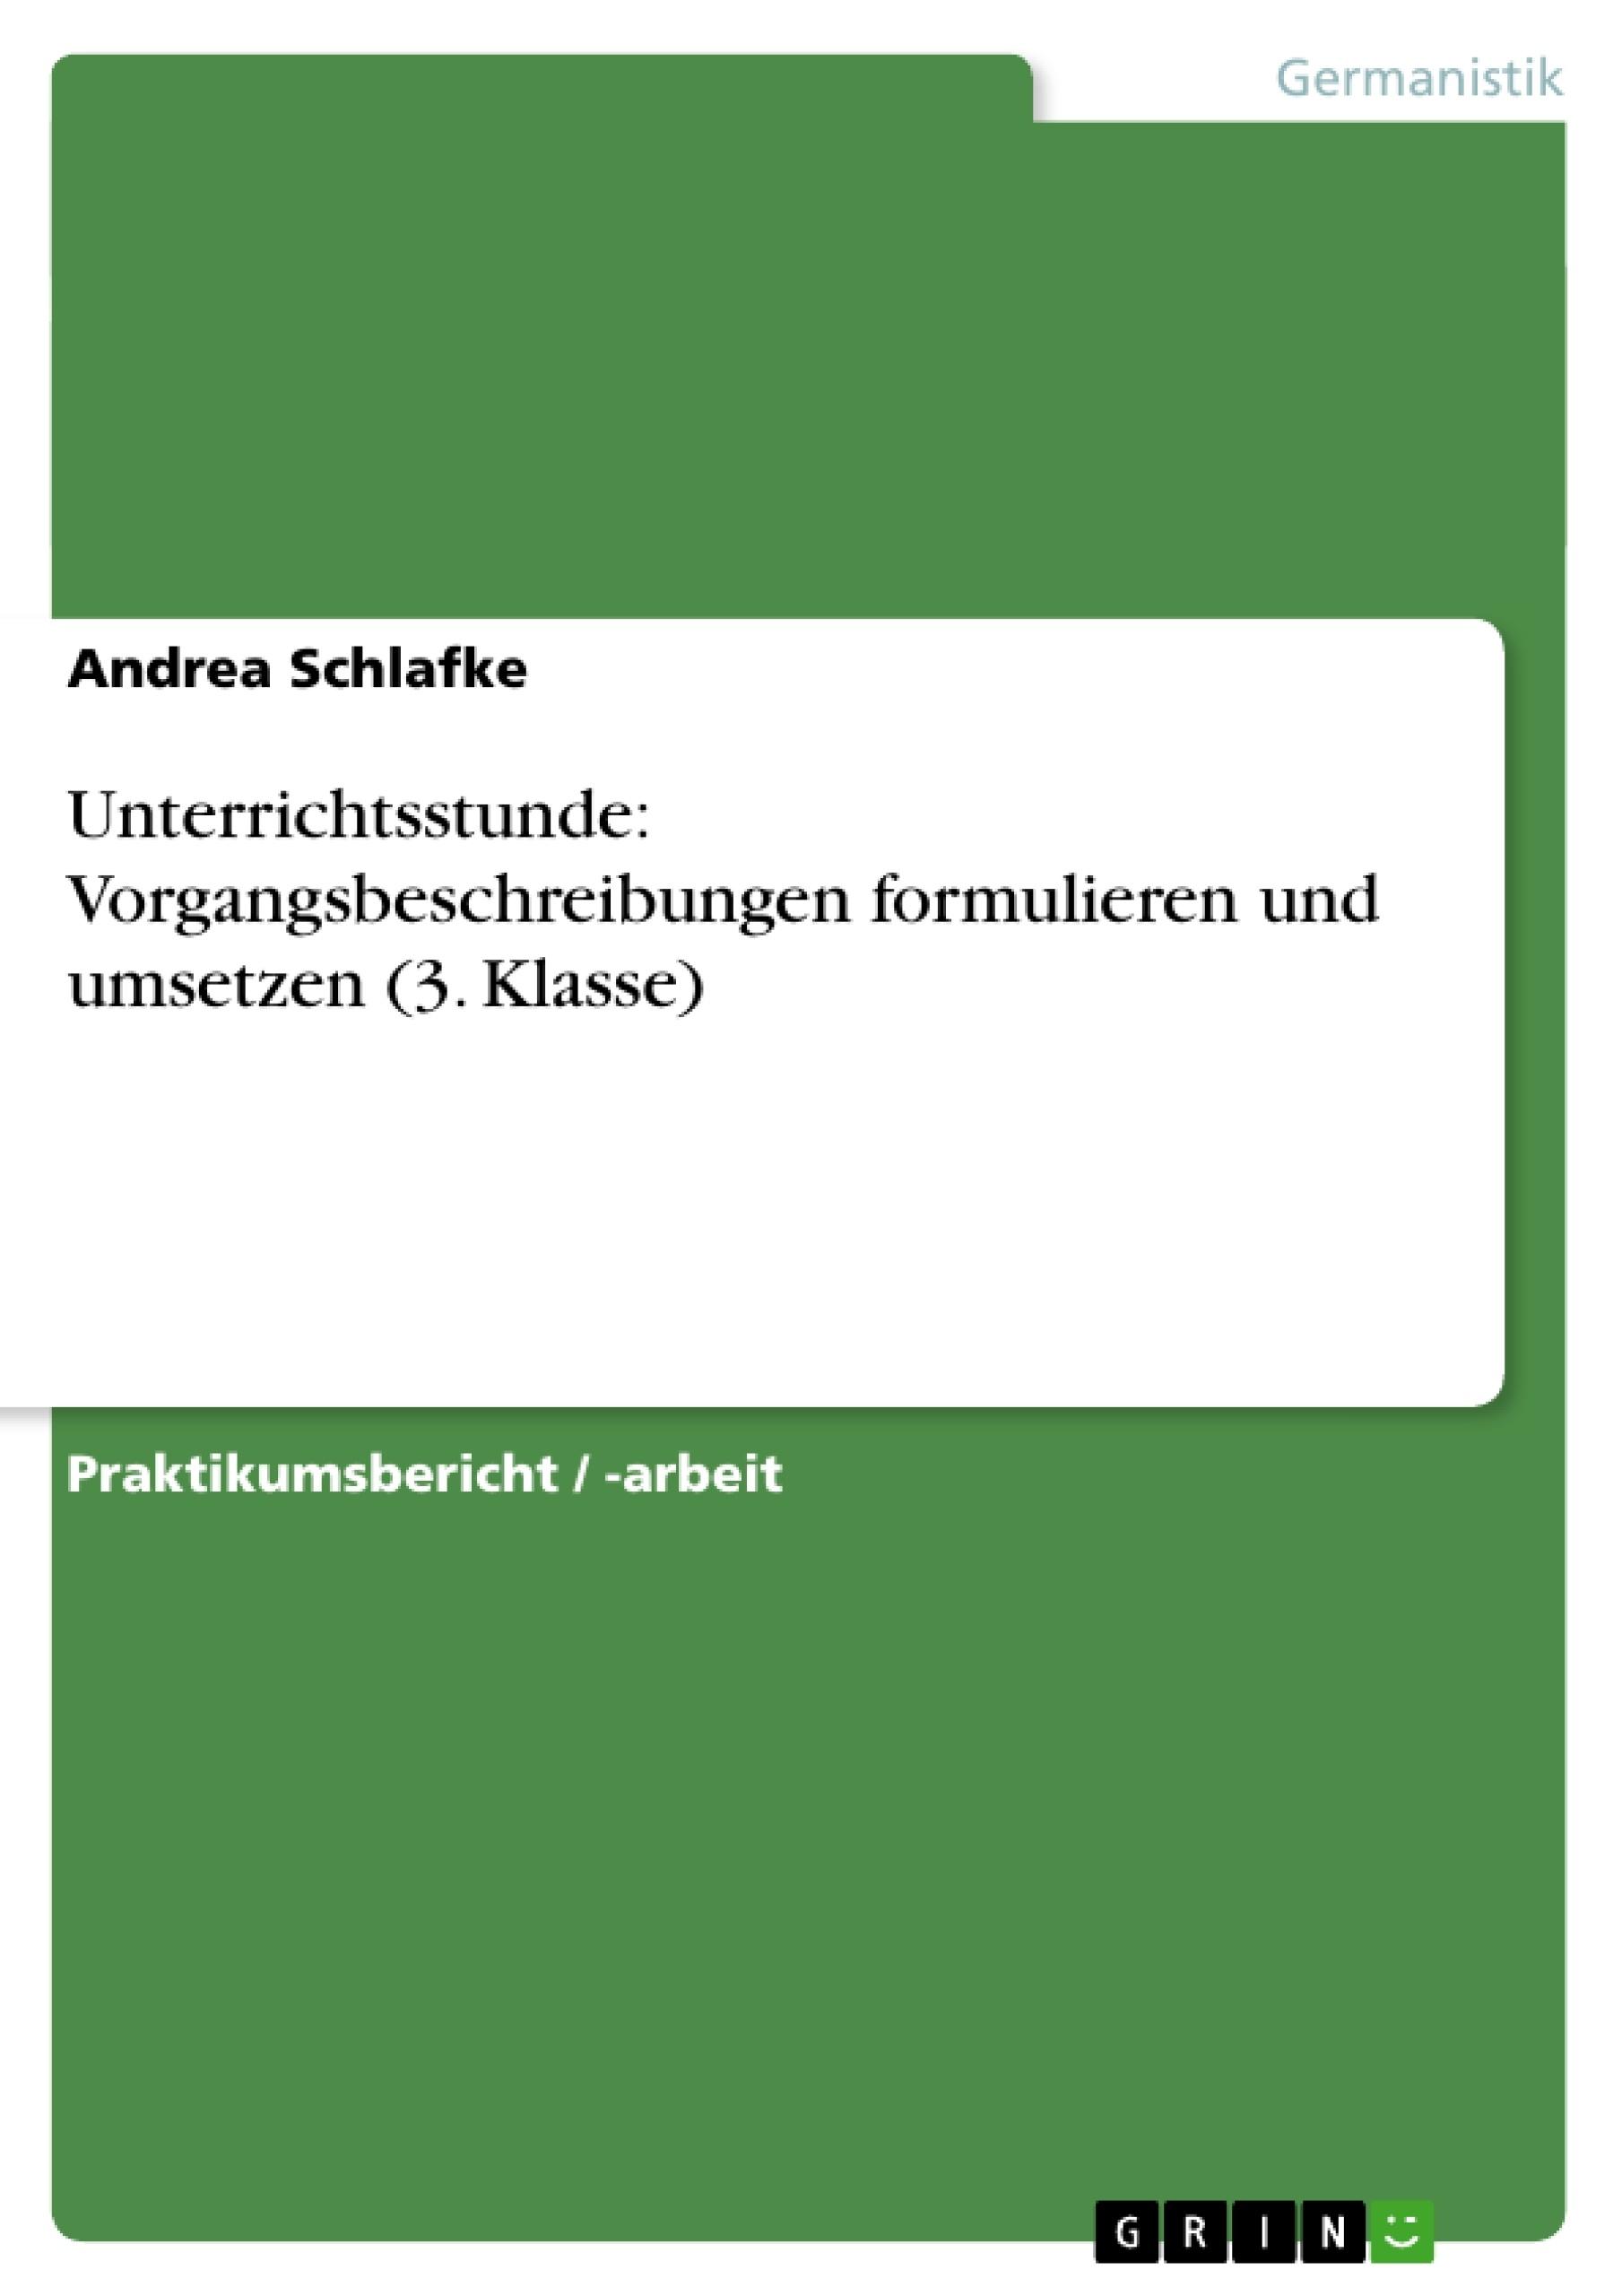 Titel: Unterrichtsstunde: Vorgangsbeschreibungen formulieren und umsetzen (3. Klasse)